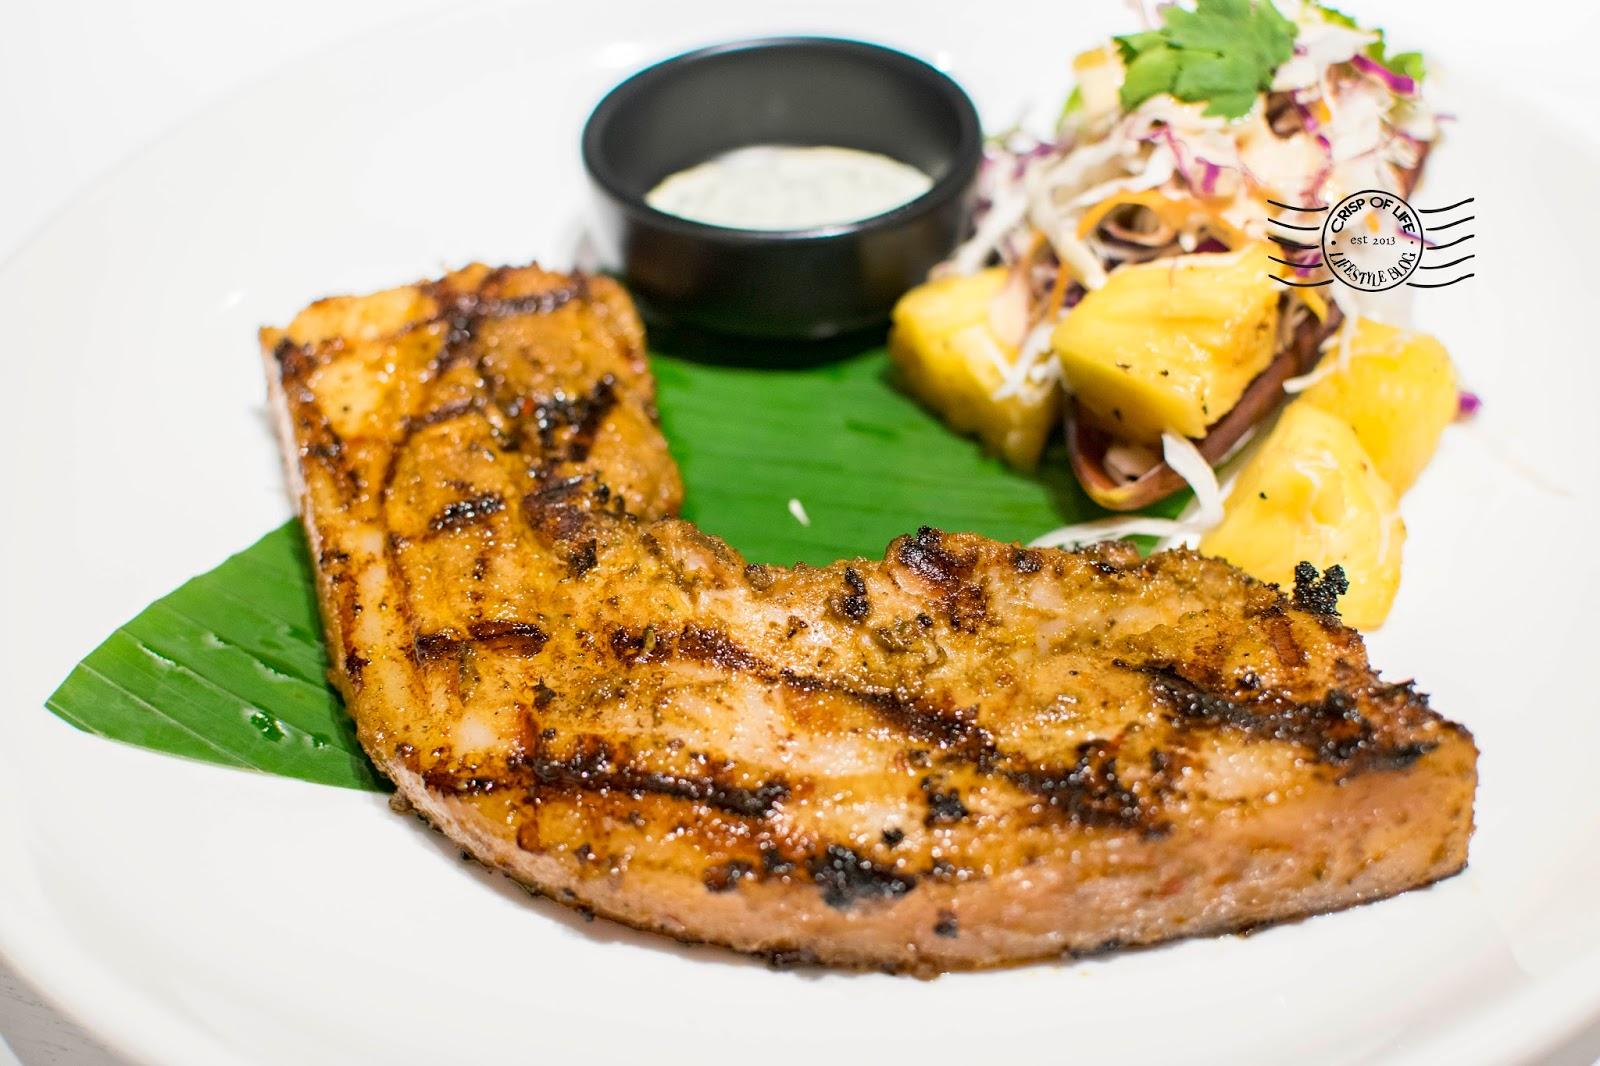 Pork restaurant in Penang Queensbay